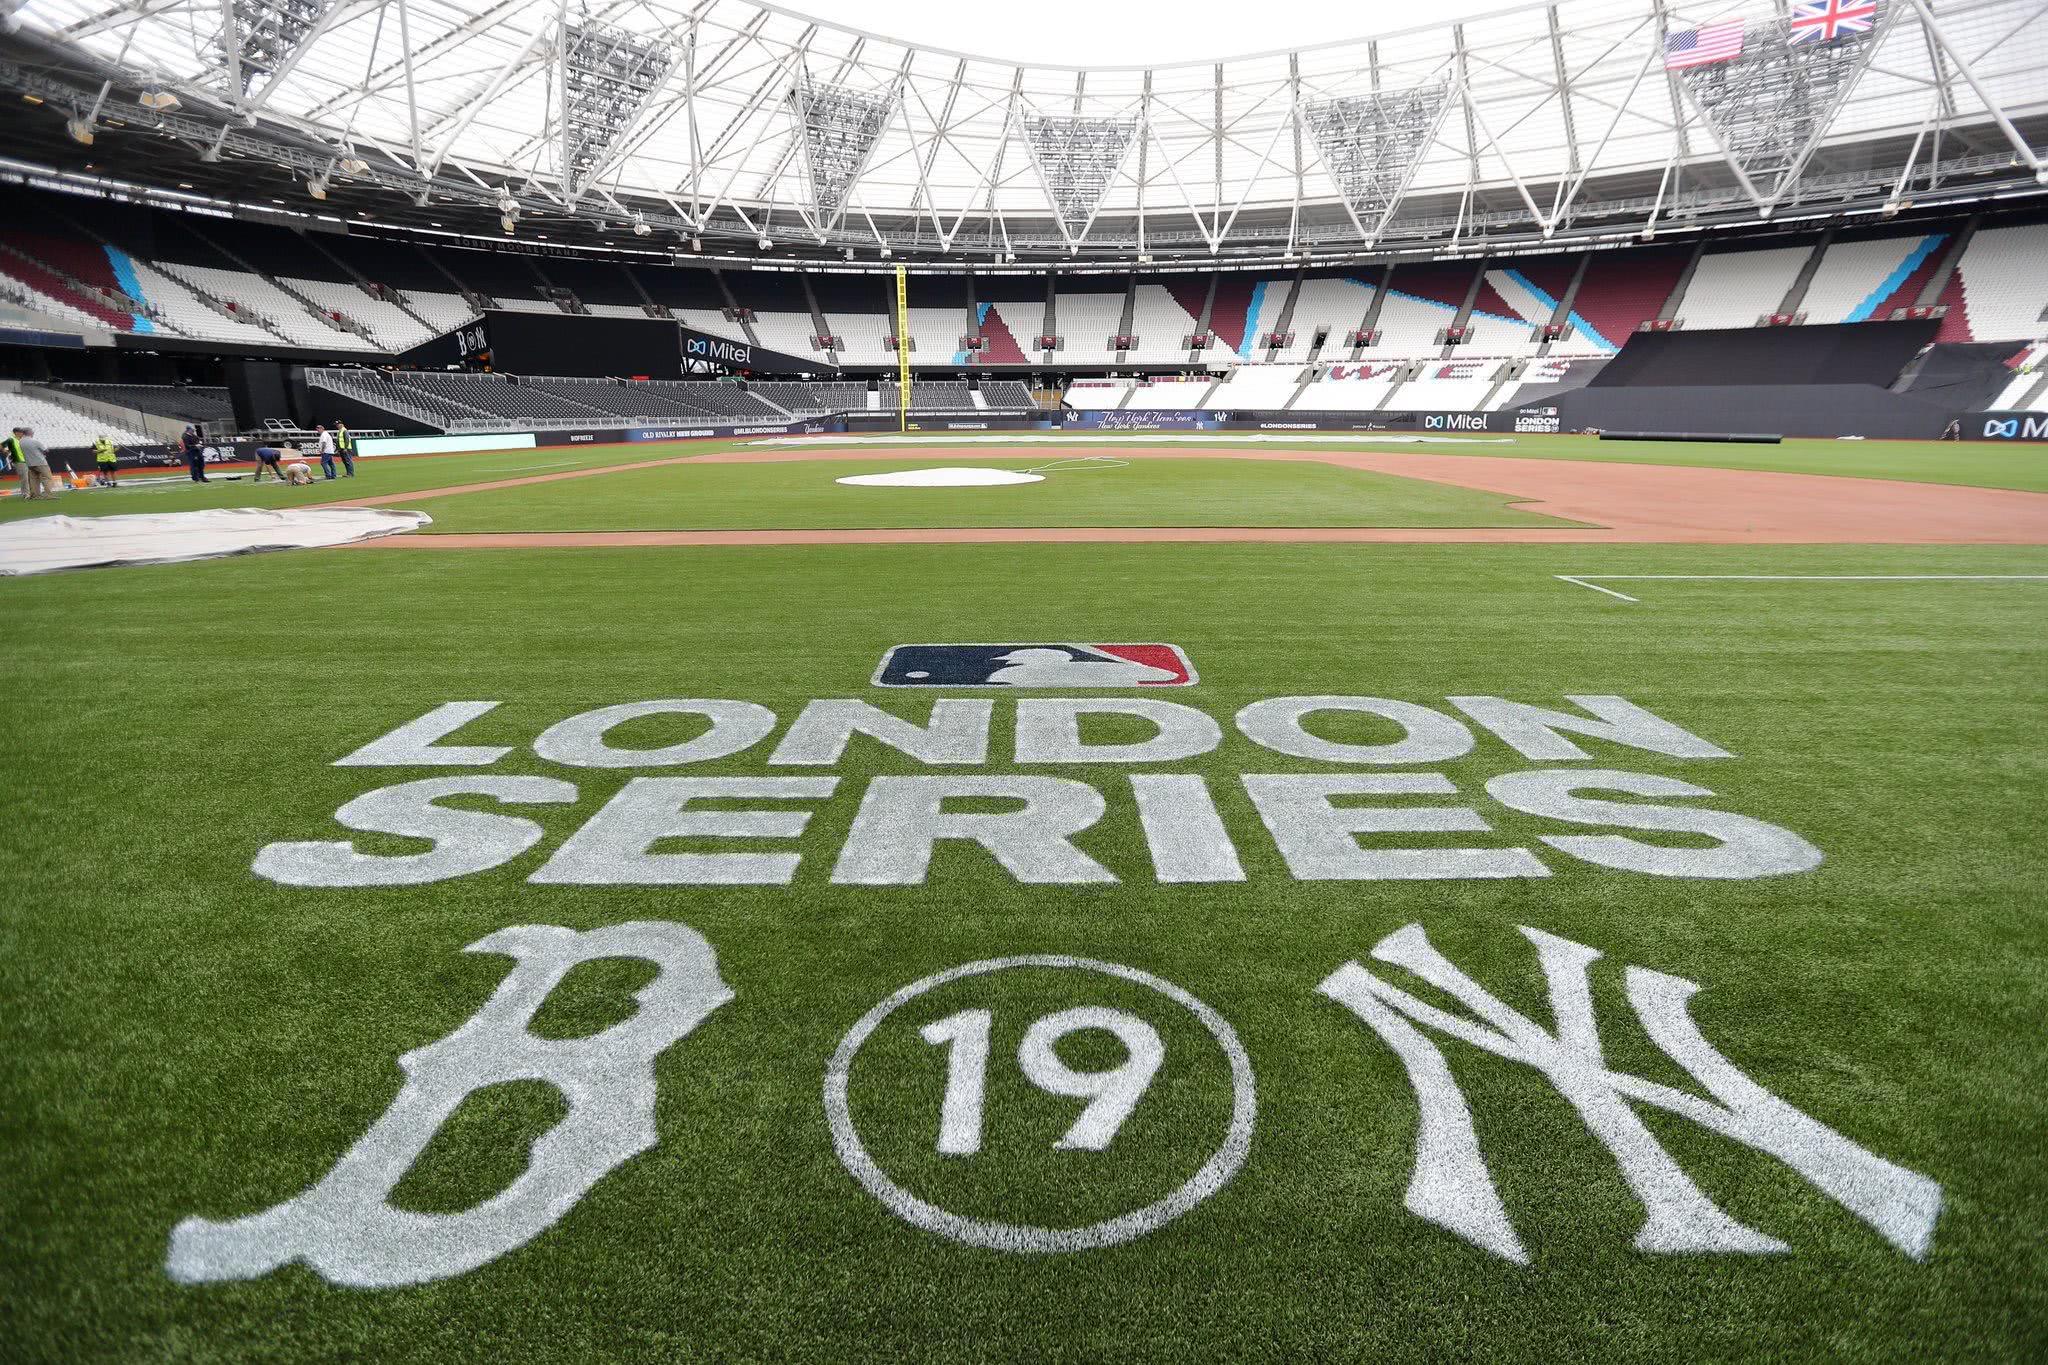 12万张球票瞬间售罄 MLB基袜大战周末在伦敦打响